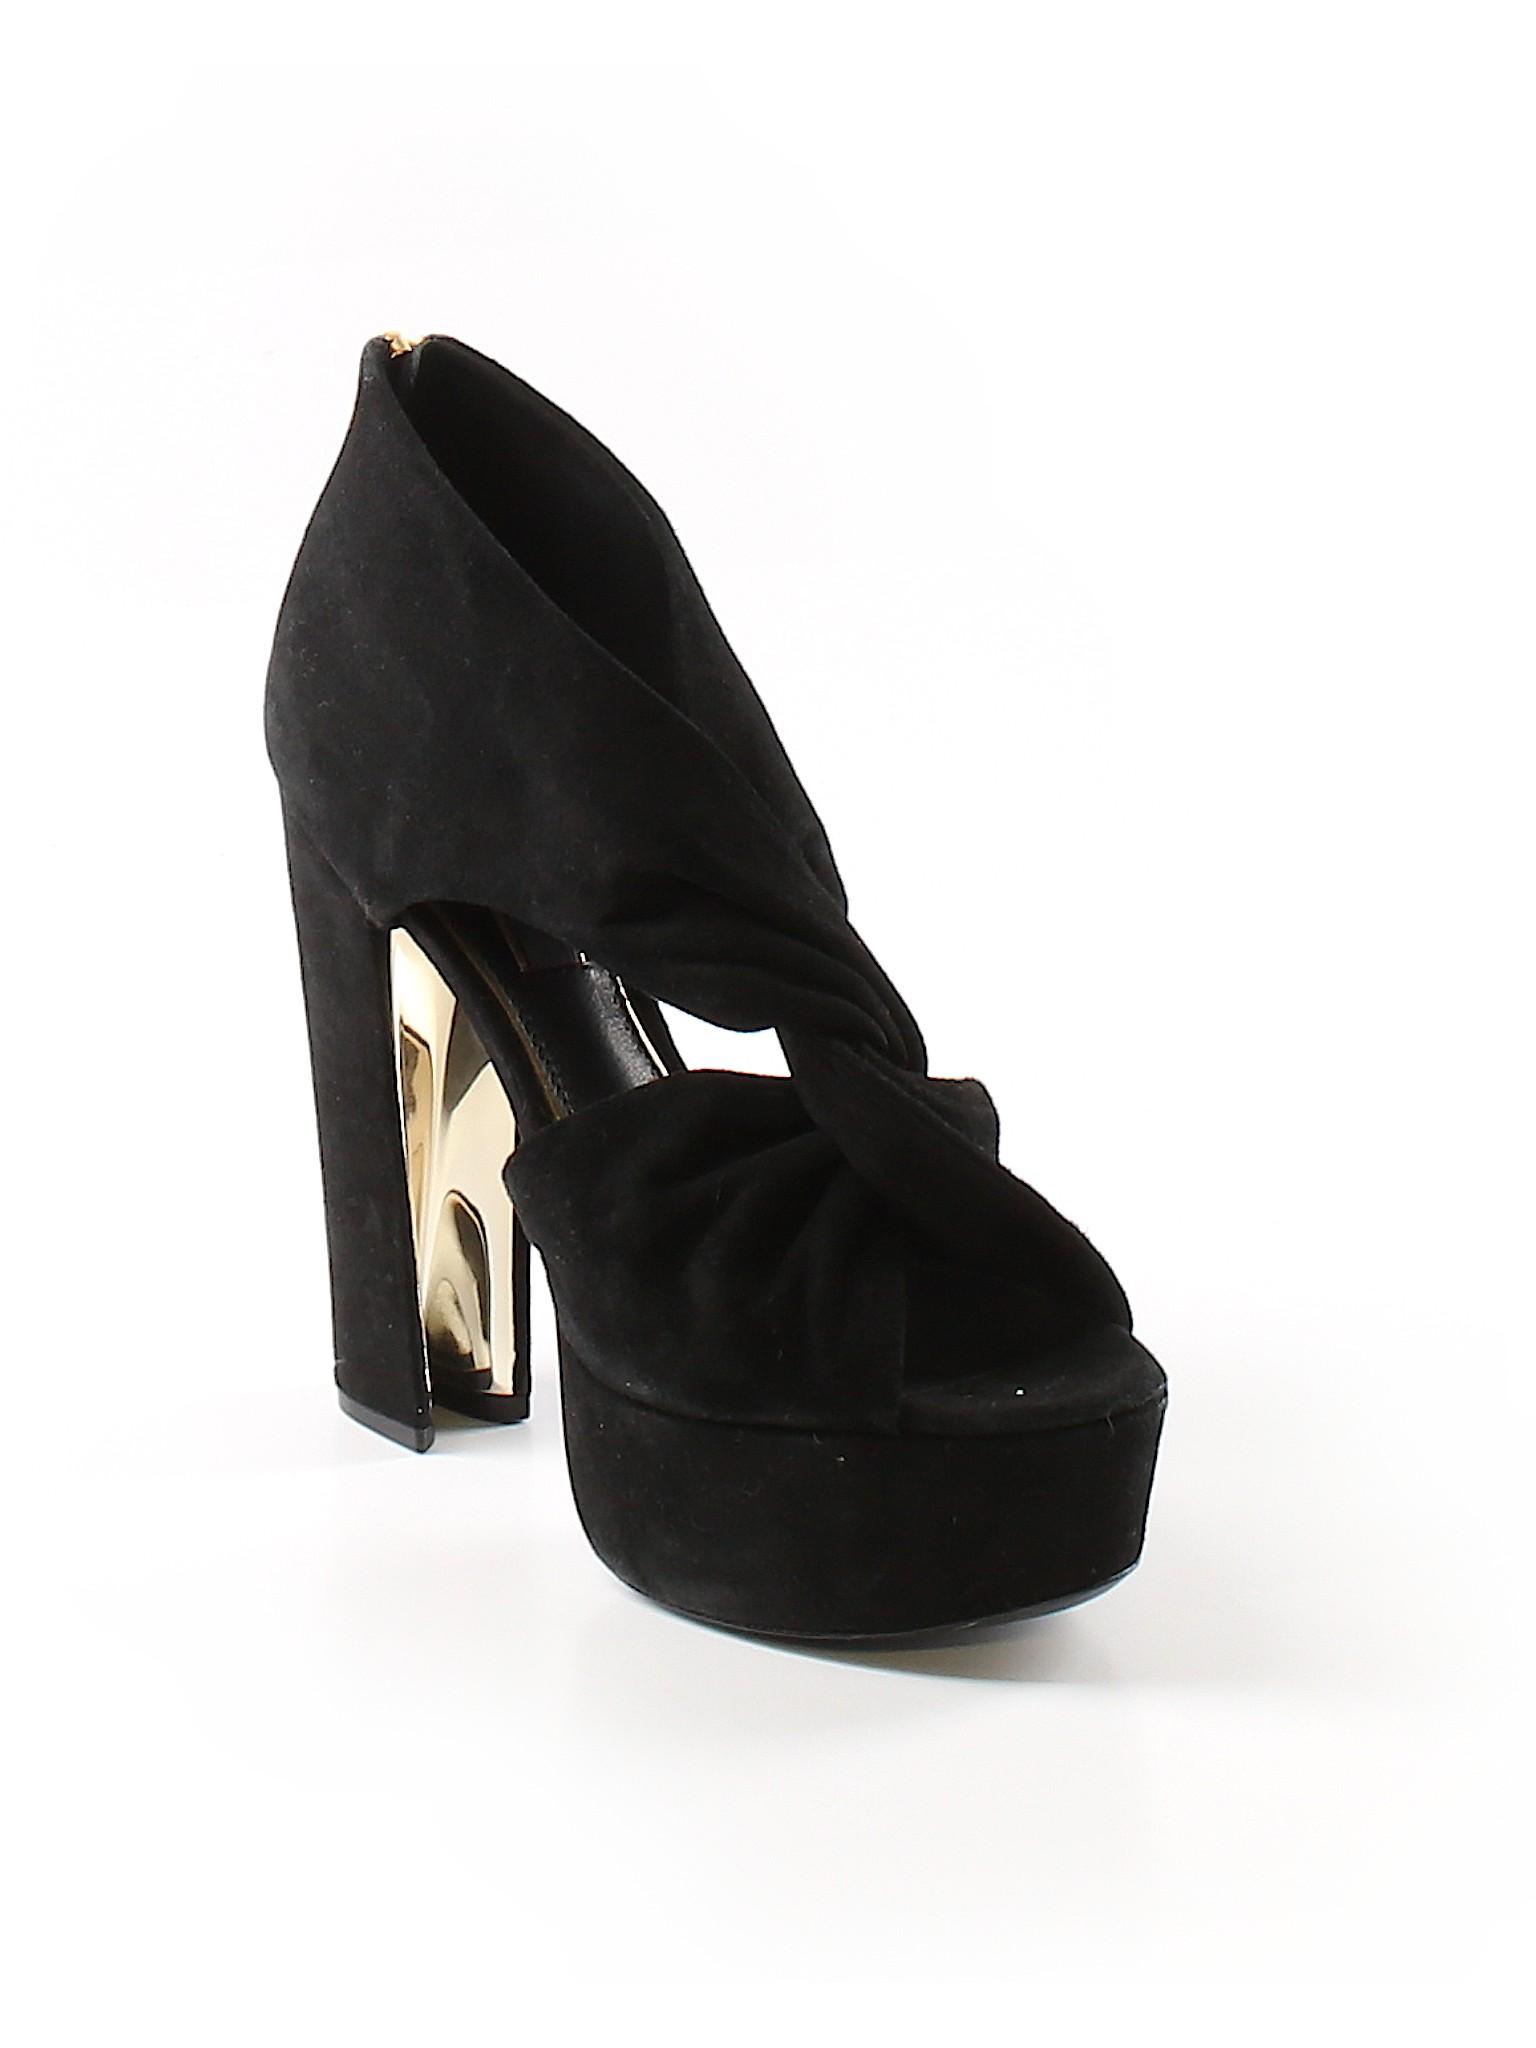 Zoe Rachel Boutique Boutique Heels promotion promotion IqZ0wfR